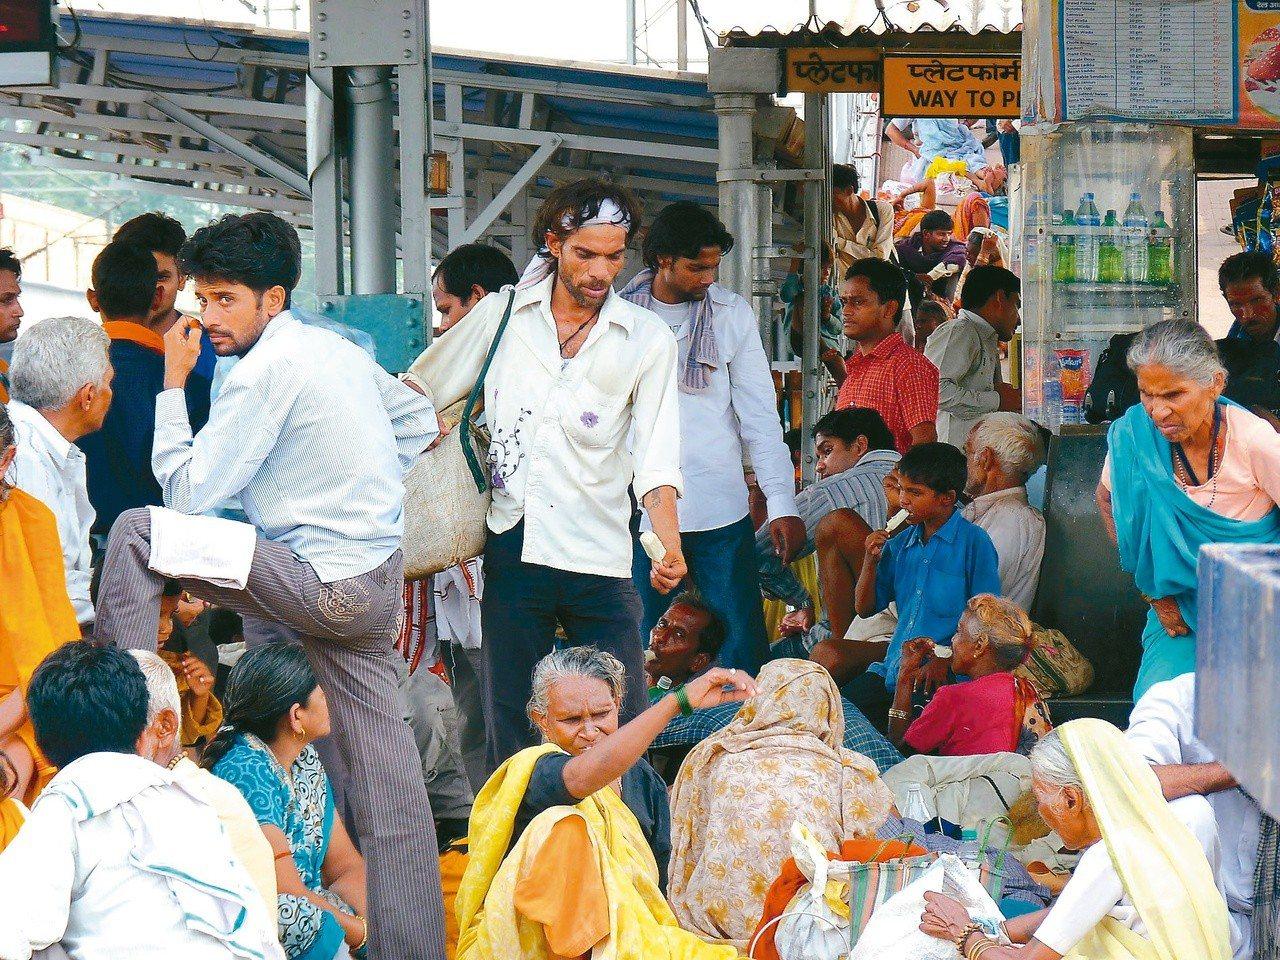 印度的火車站人擠人。 謝旺霖